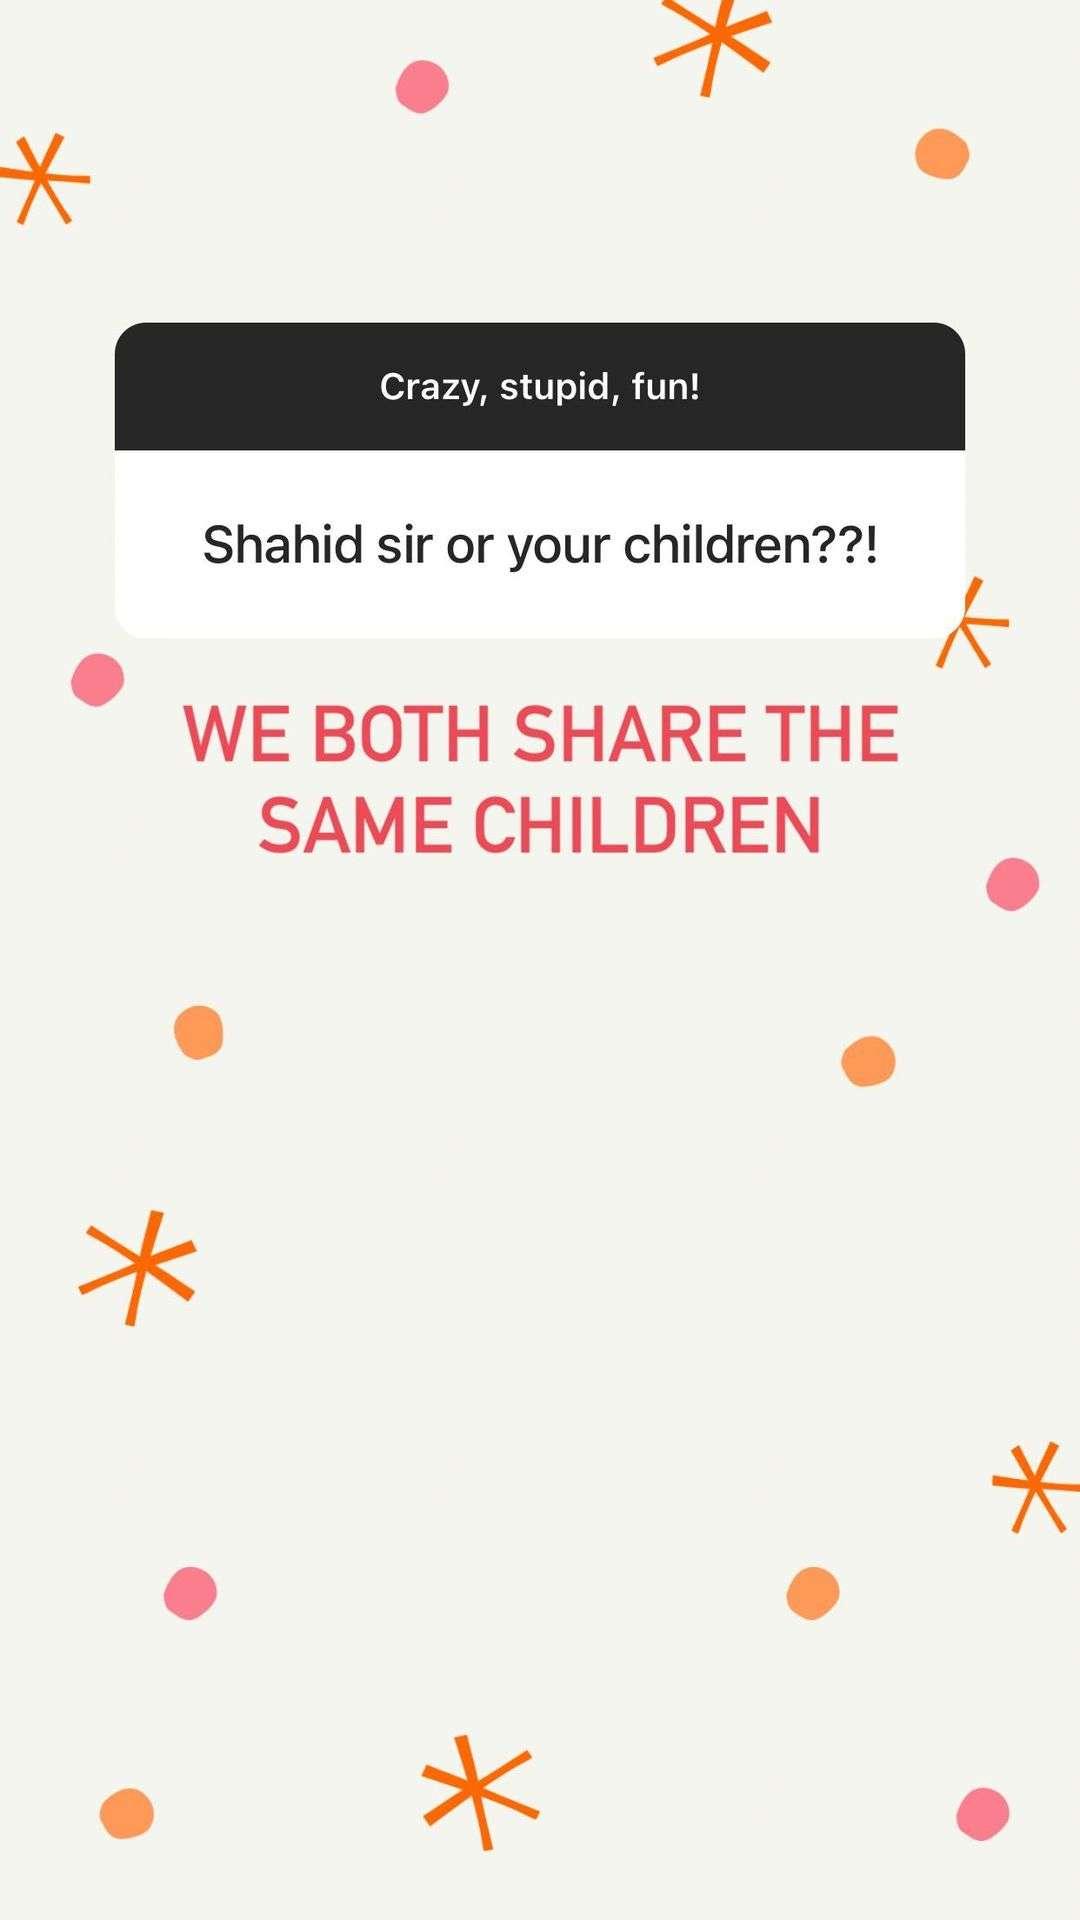 mira.kapoor_169278506_103792535100096_348305478807636239696